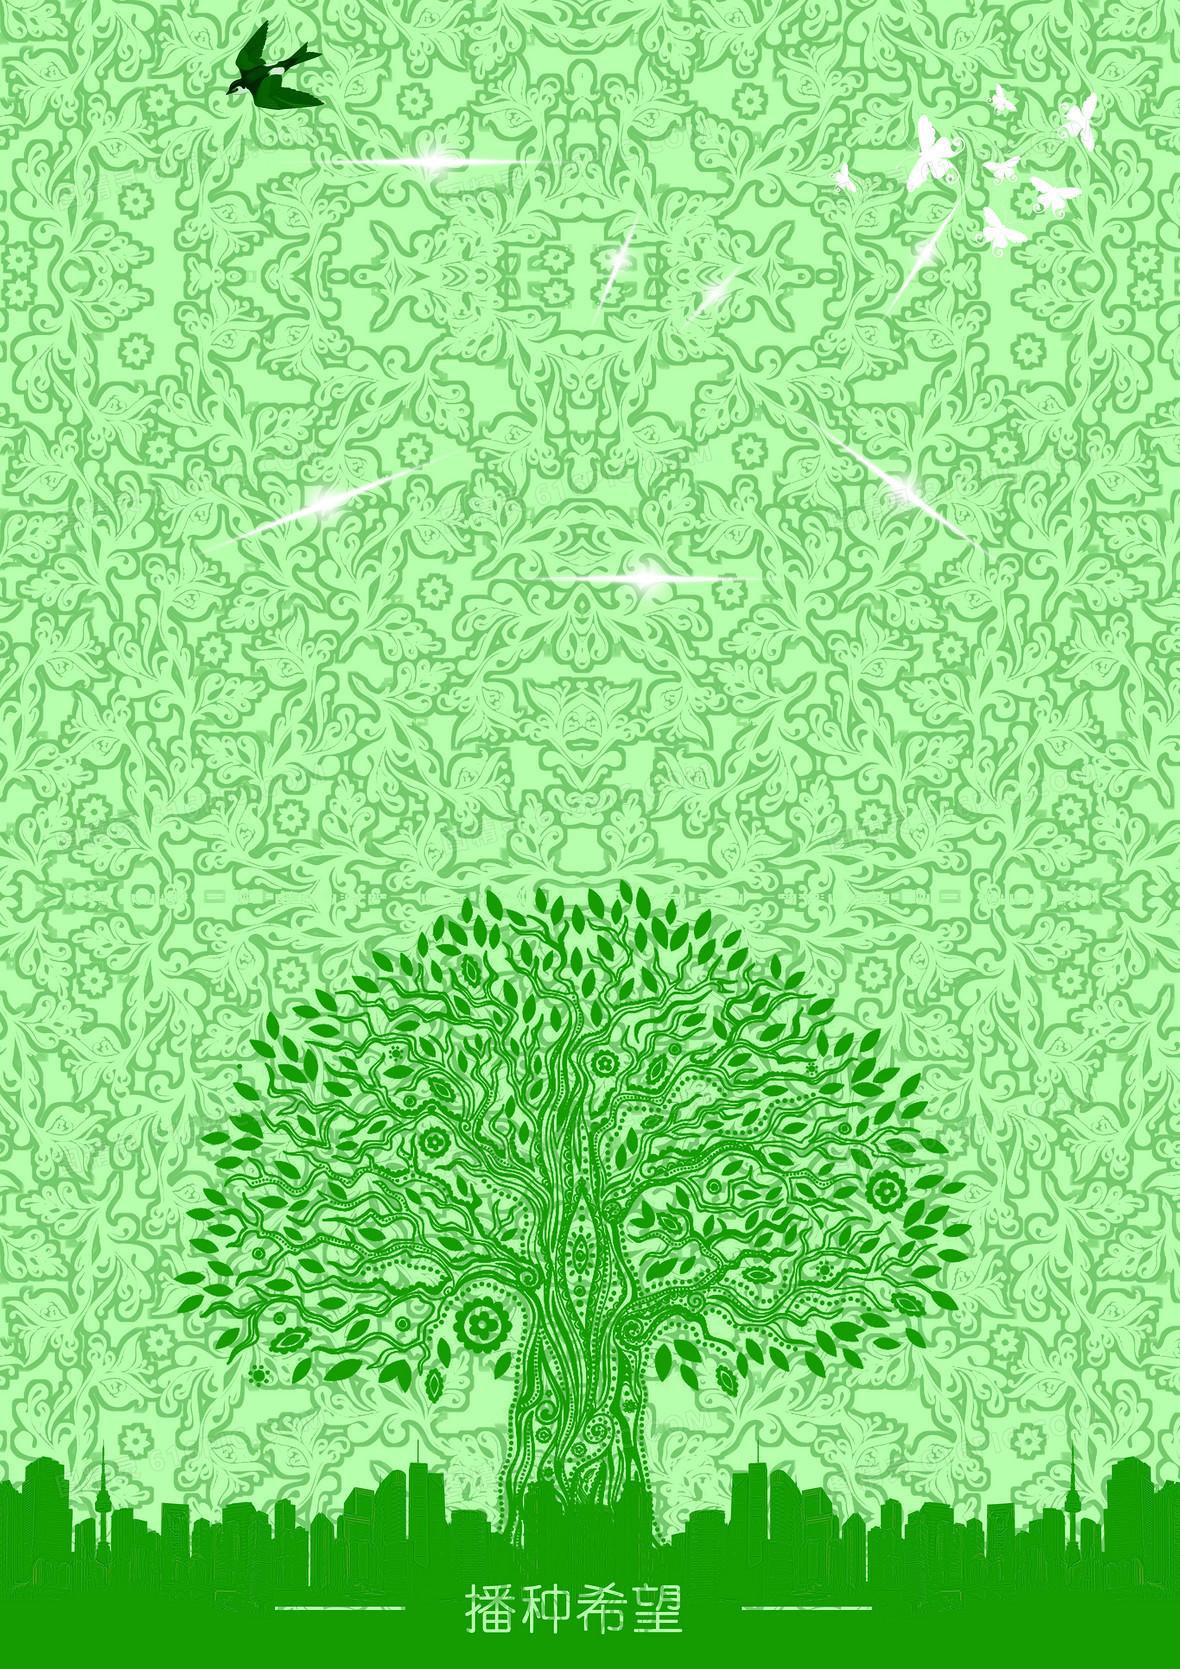 绿色清新植树节海报背景素材